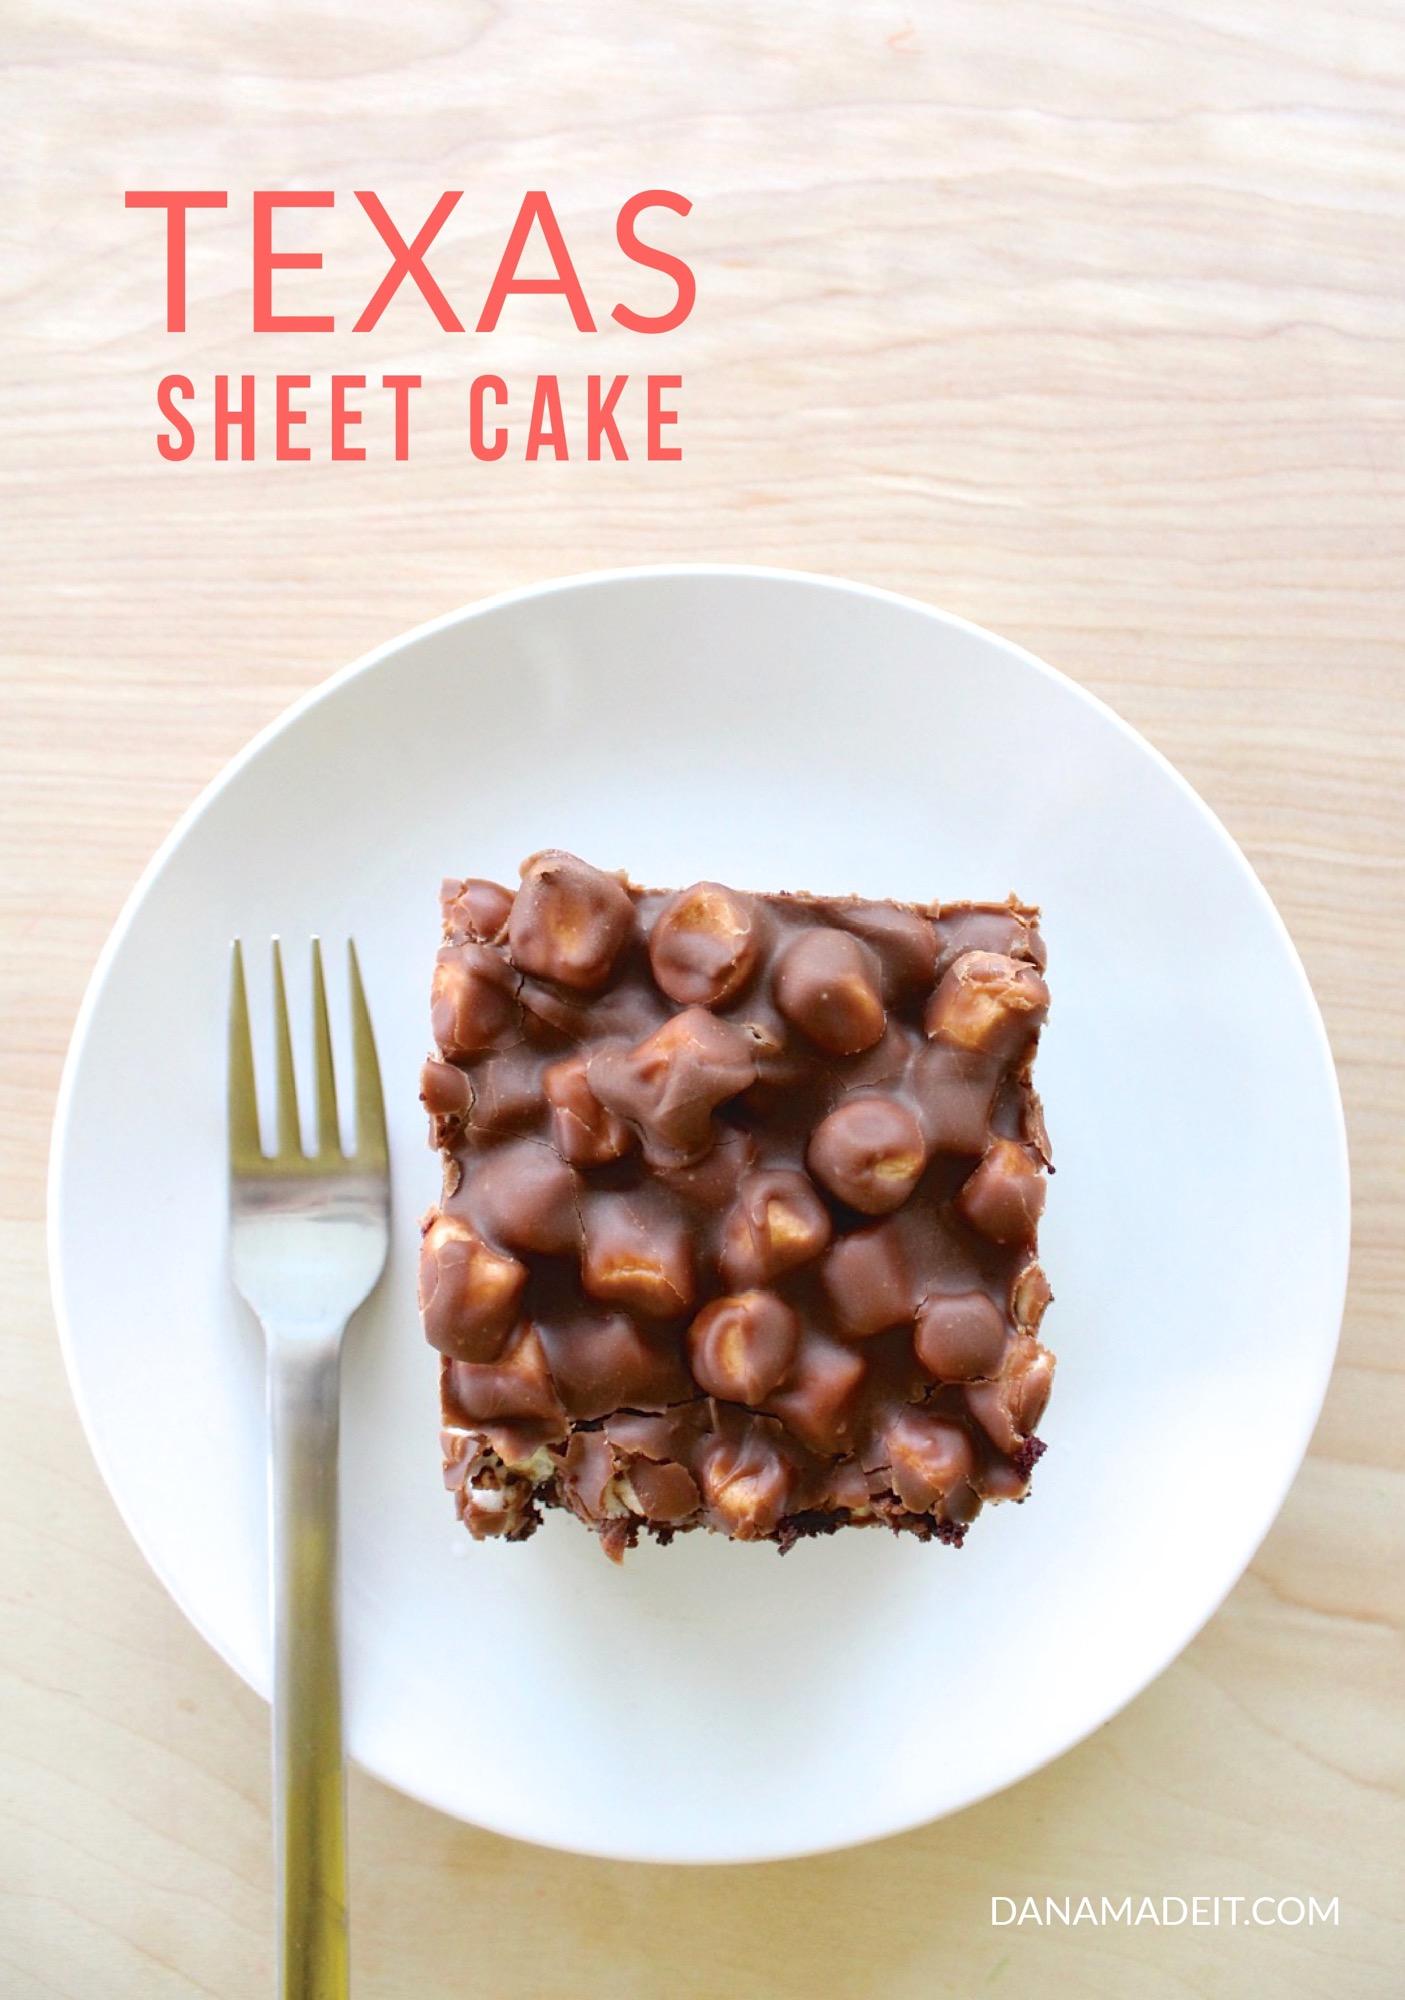 Texas Sheet Cake Made Everyday